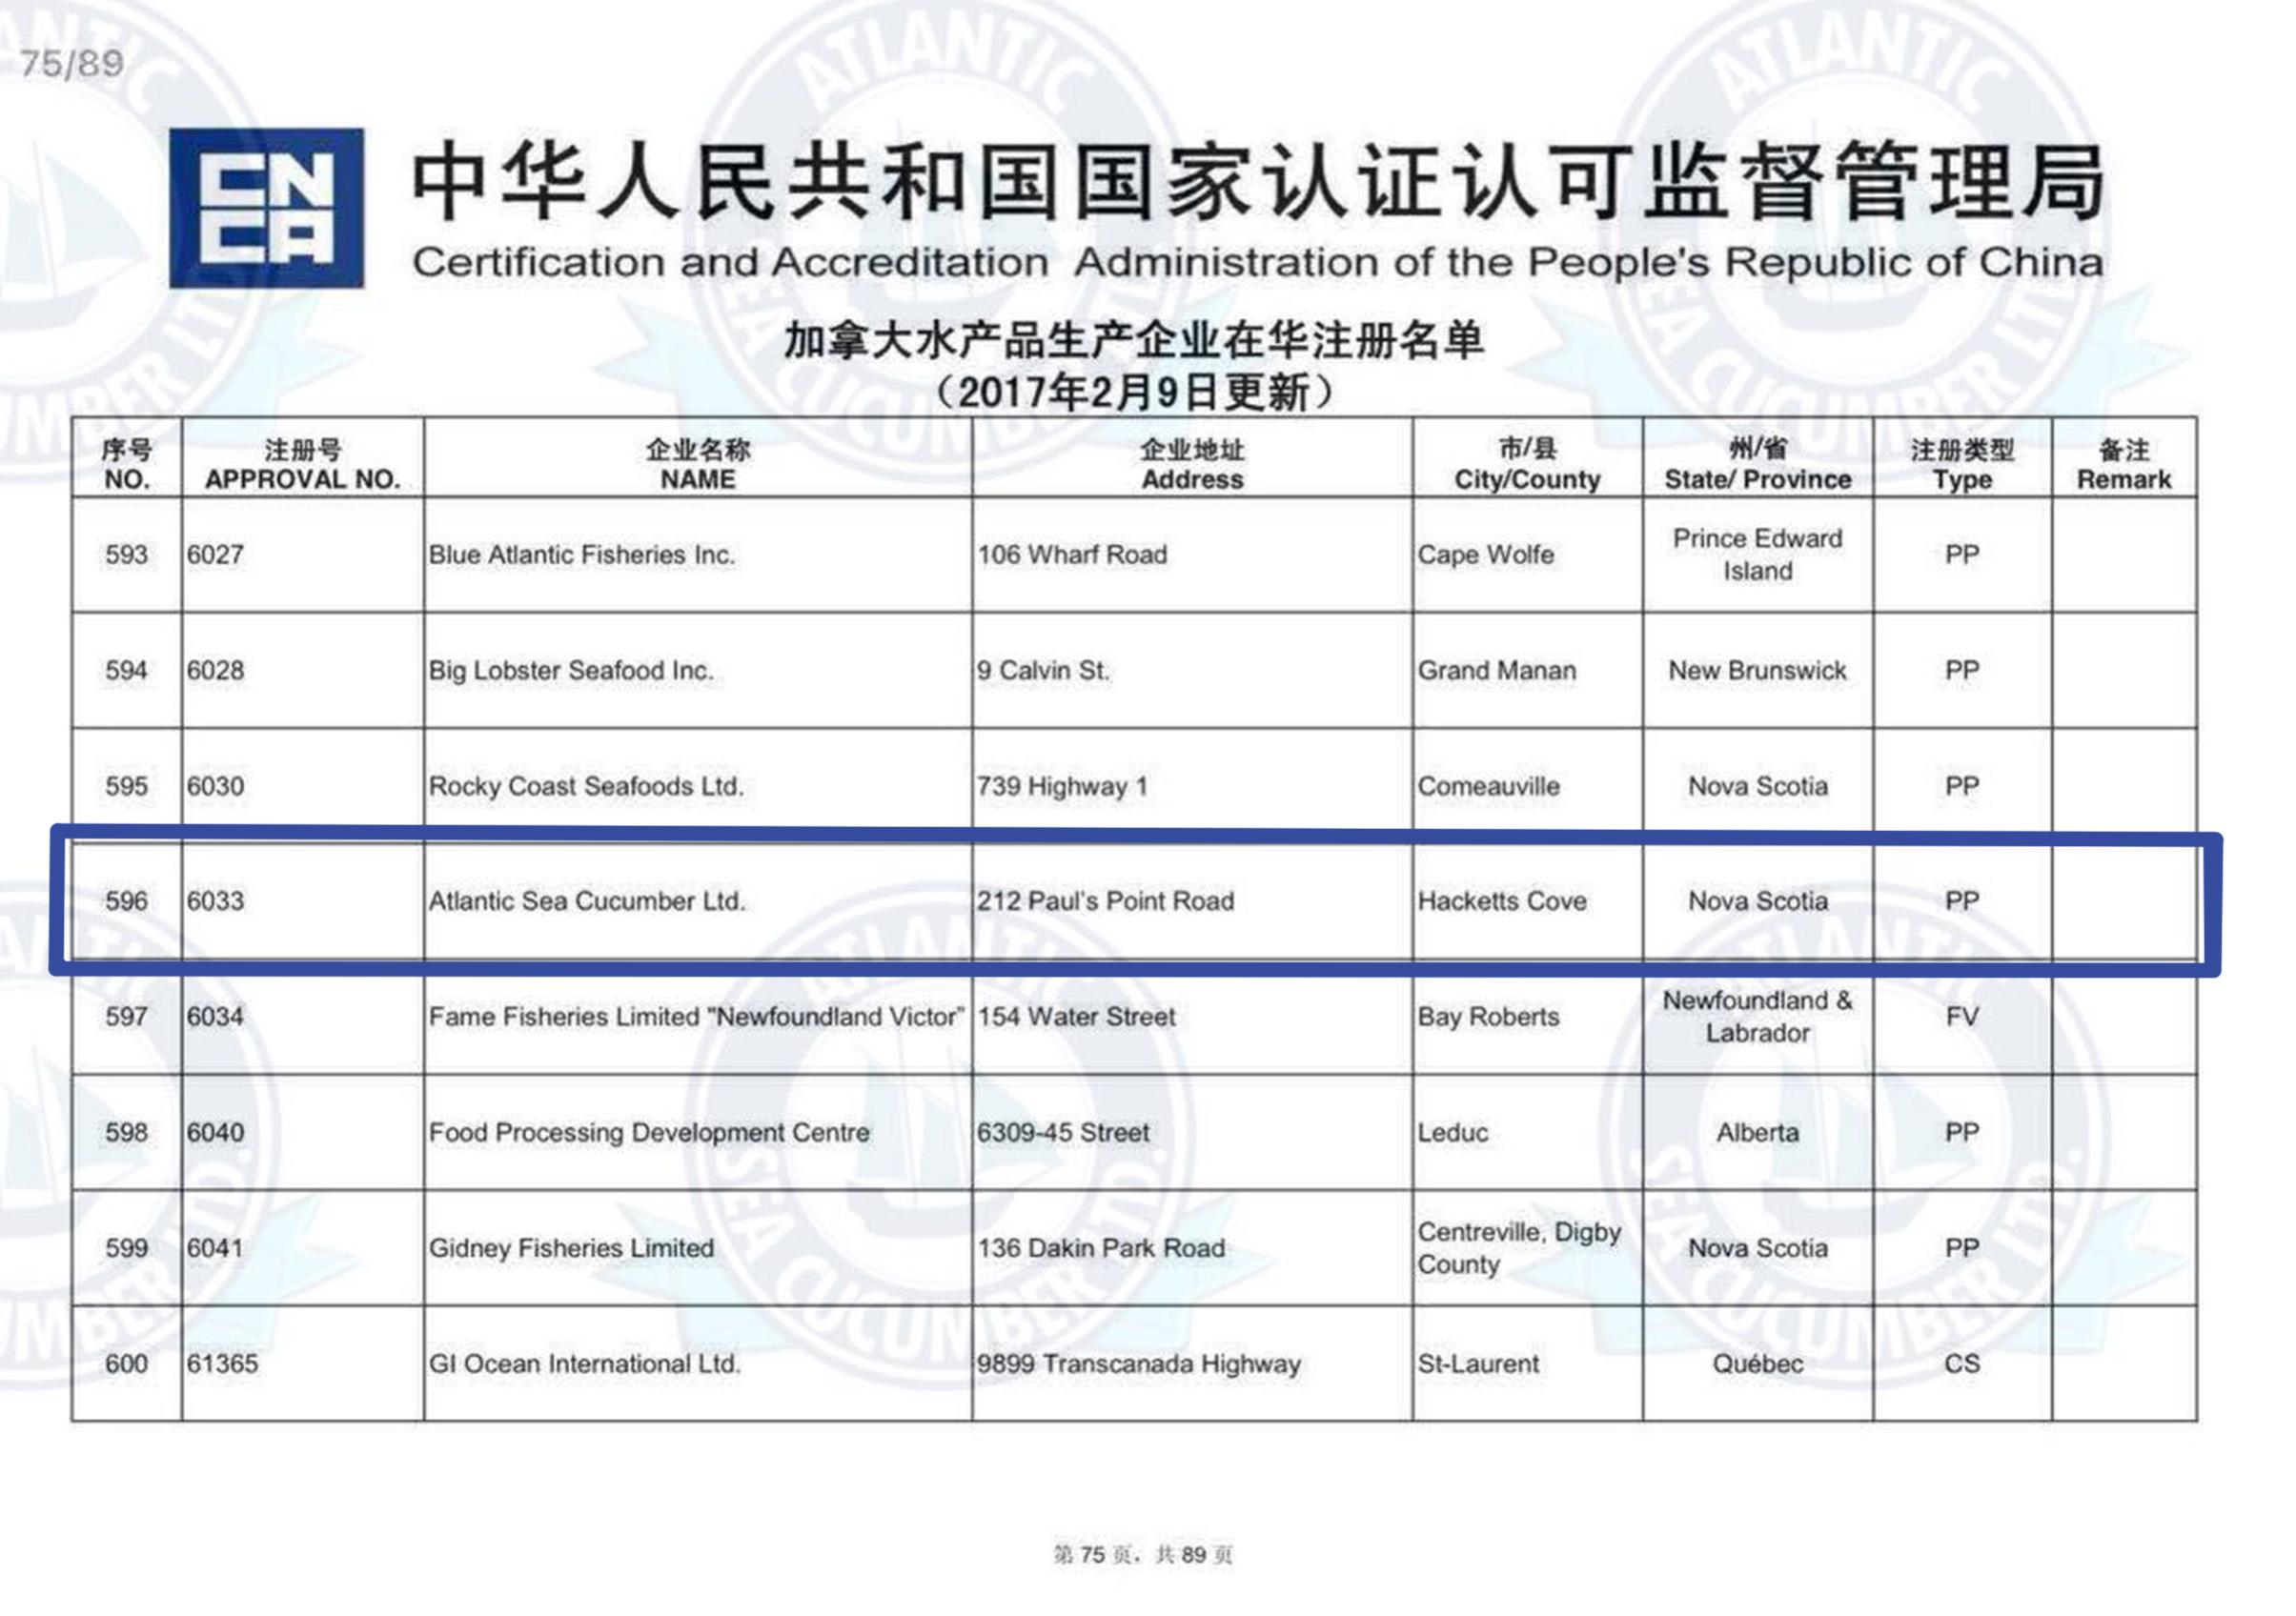 Certificate of PRC